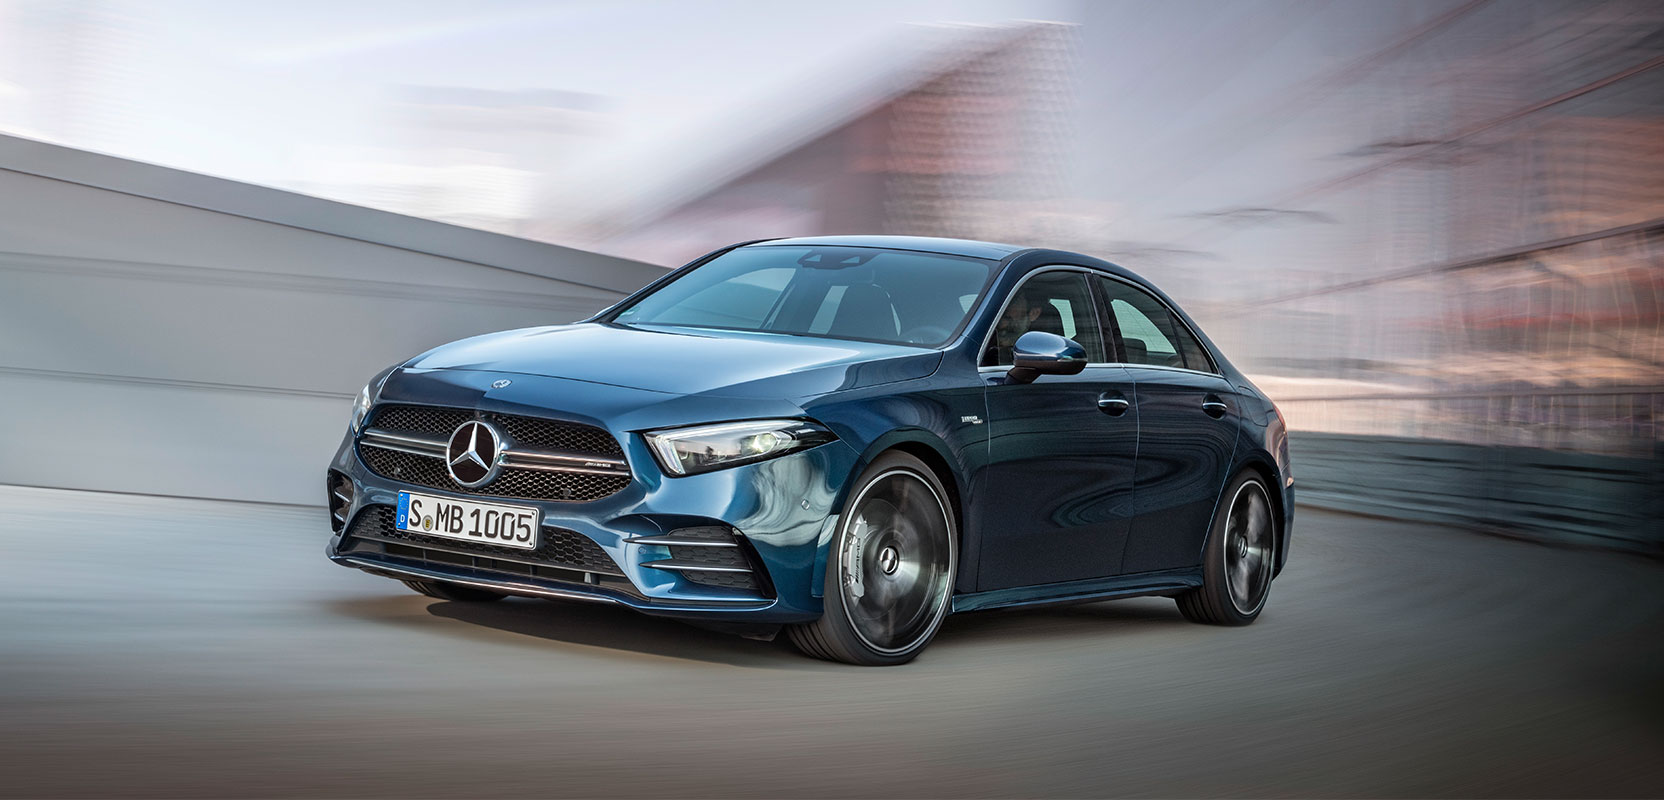 Спортивний седан Mercedes-AMG A 35 4MATIC Saloon 2019 офіційно представлений в мережі